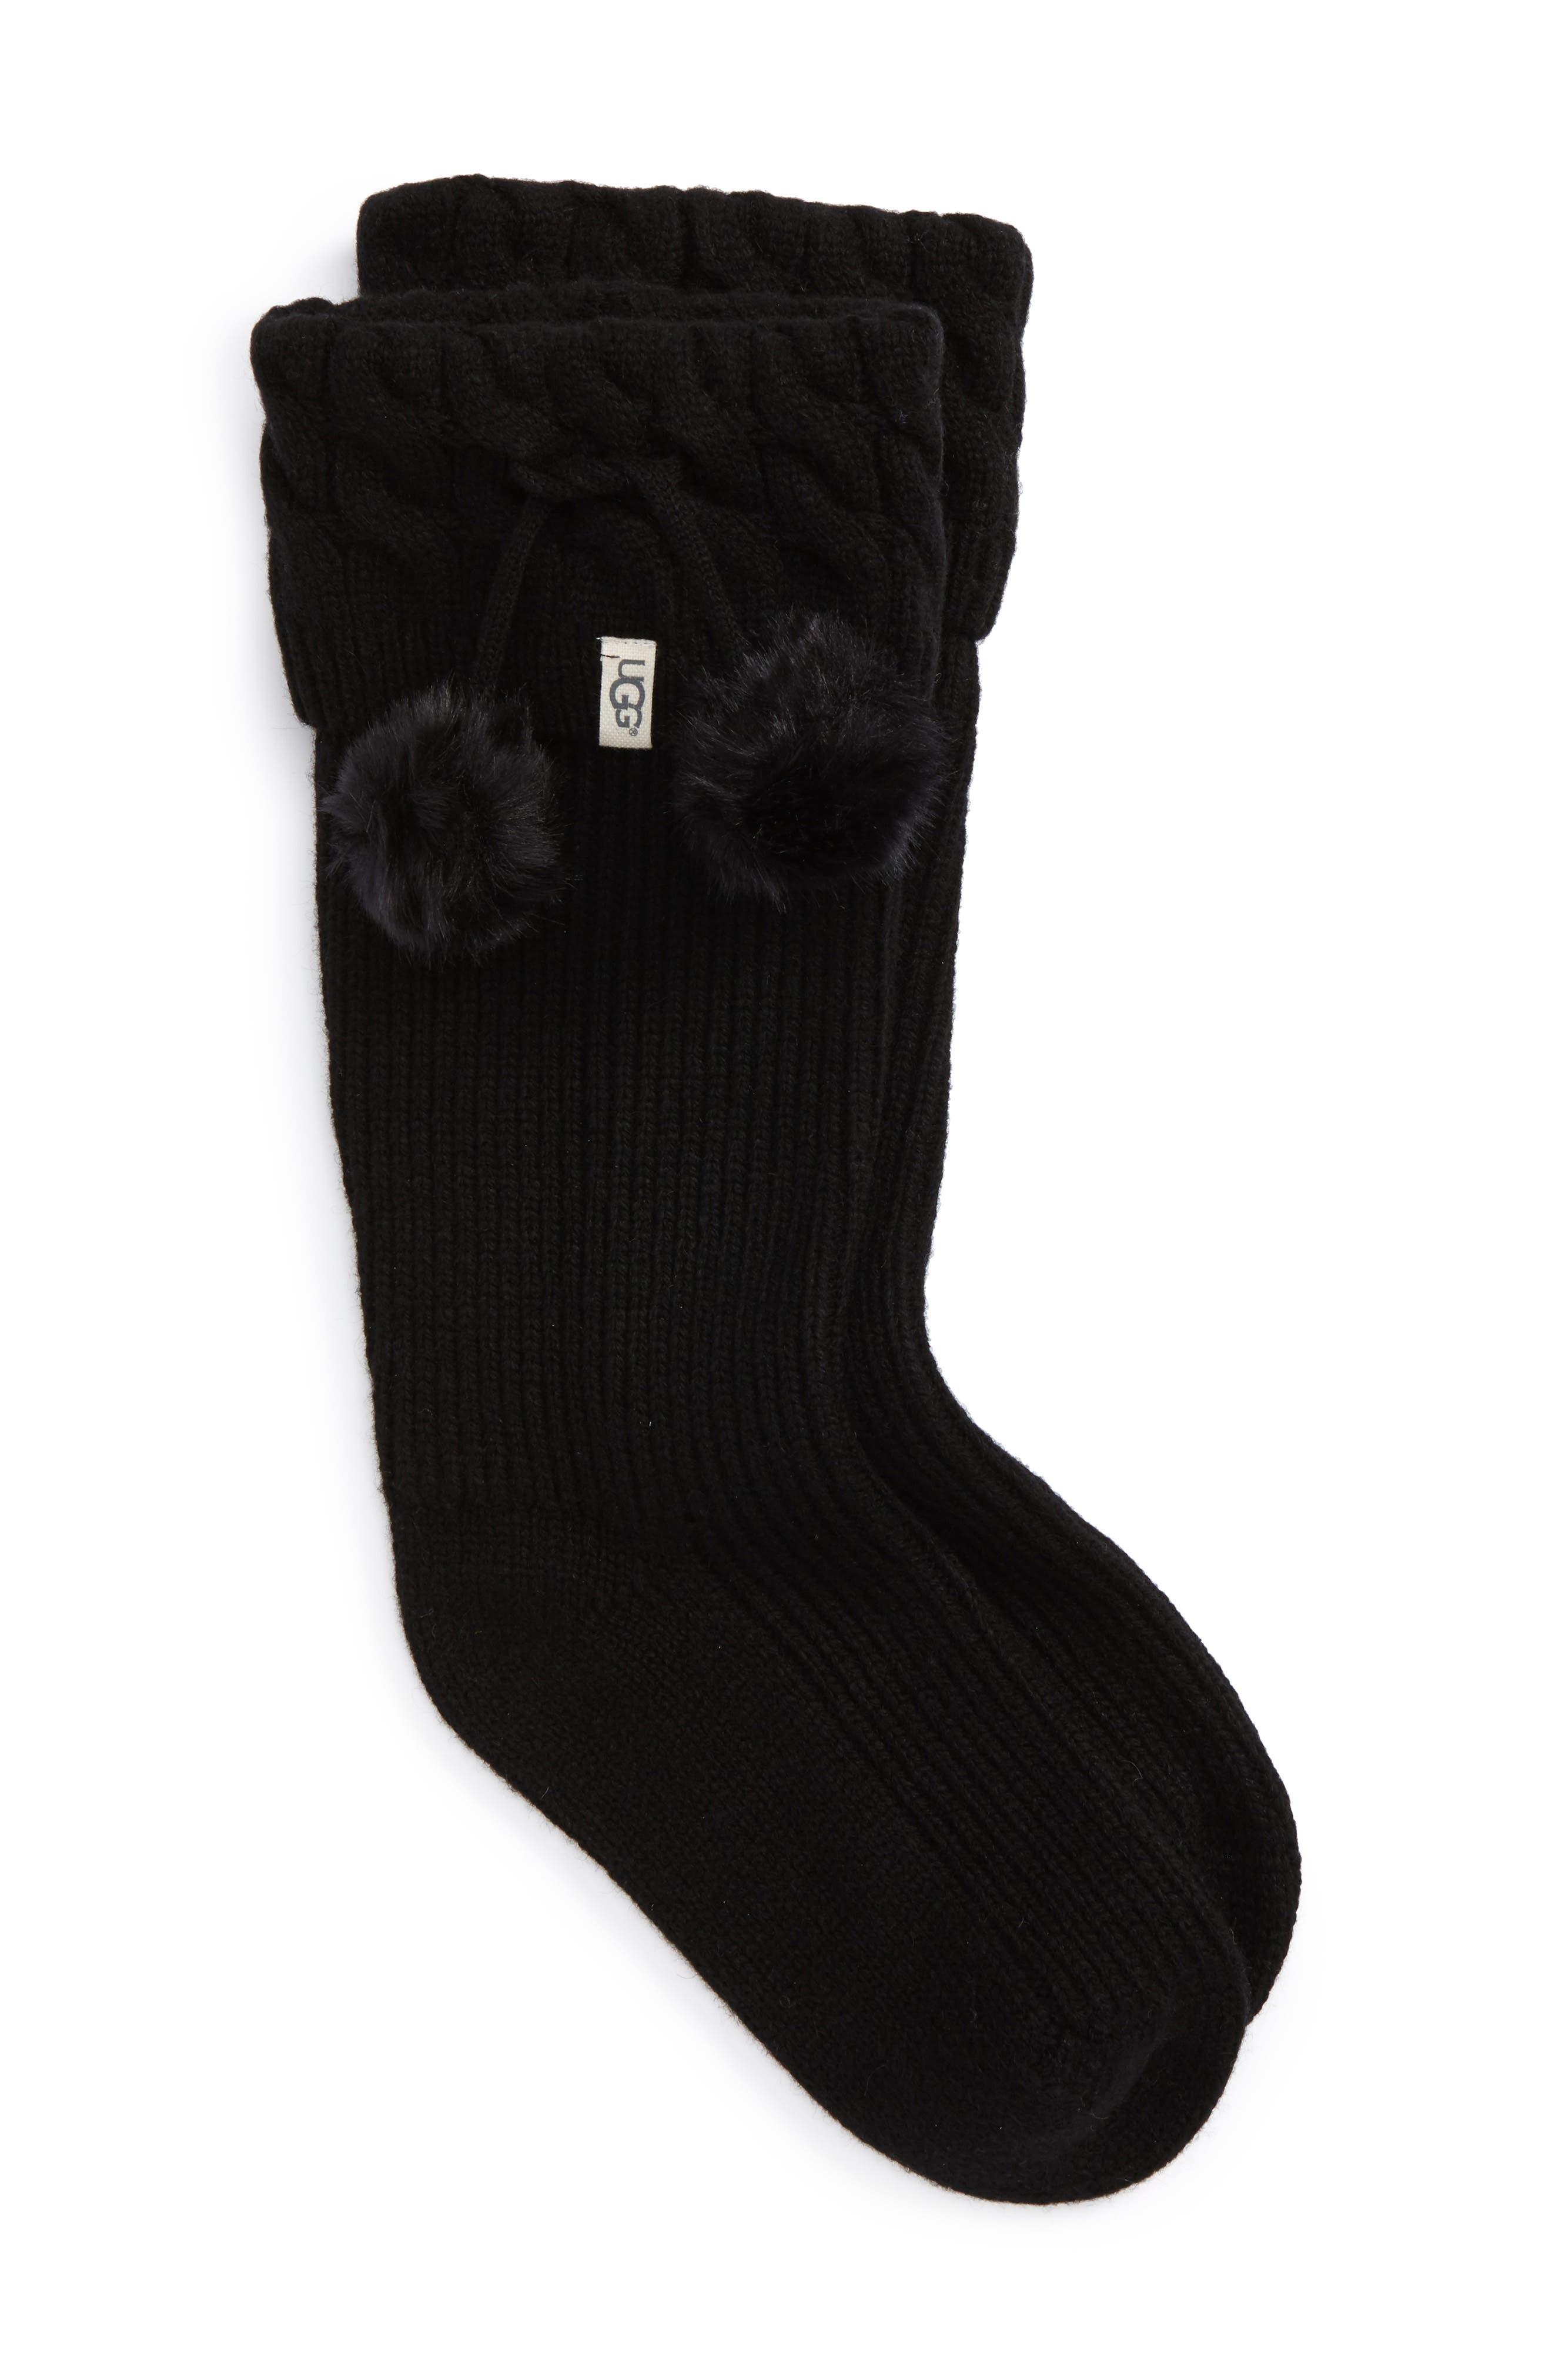 UGG UGGpure<sup>™</sup> Pompom Tall Rain Boot Sock,                             Main thumbnail 1, color,                             BLACK WOOL